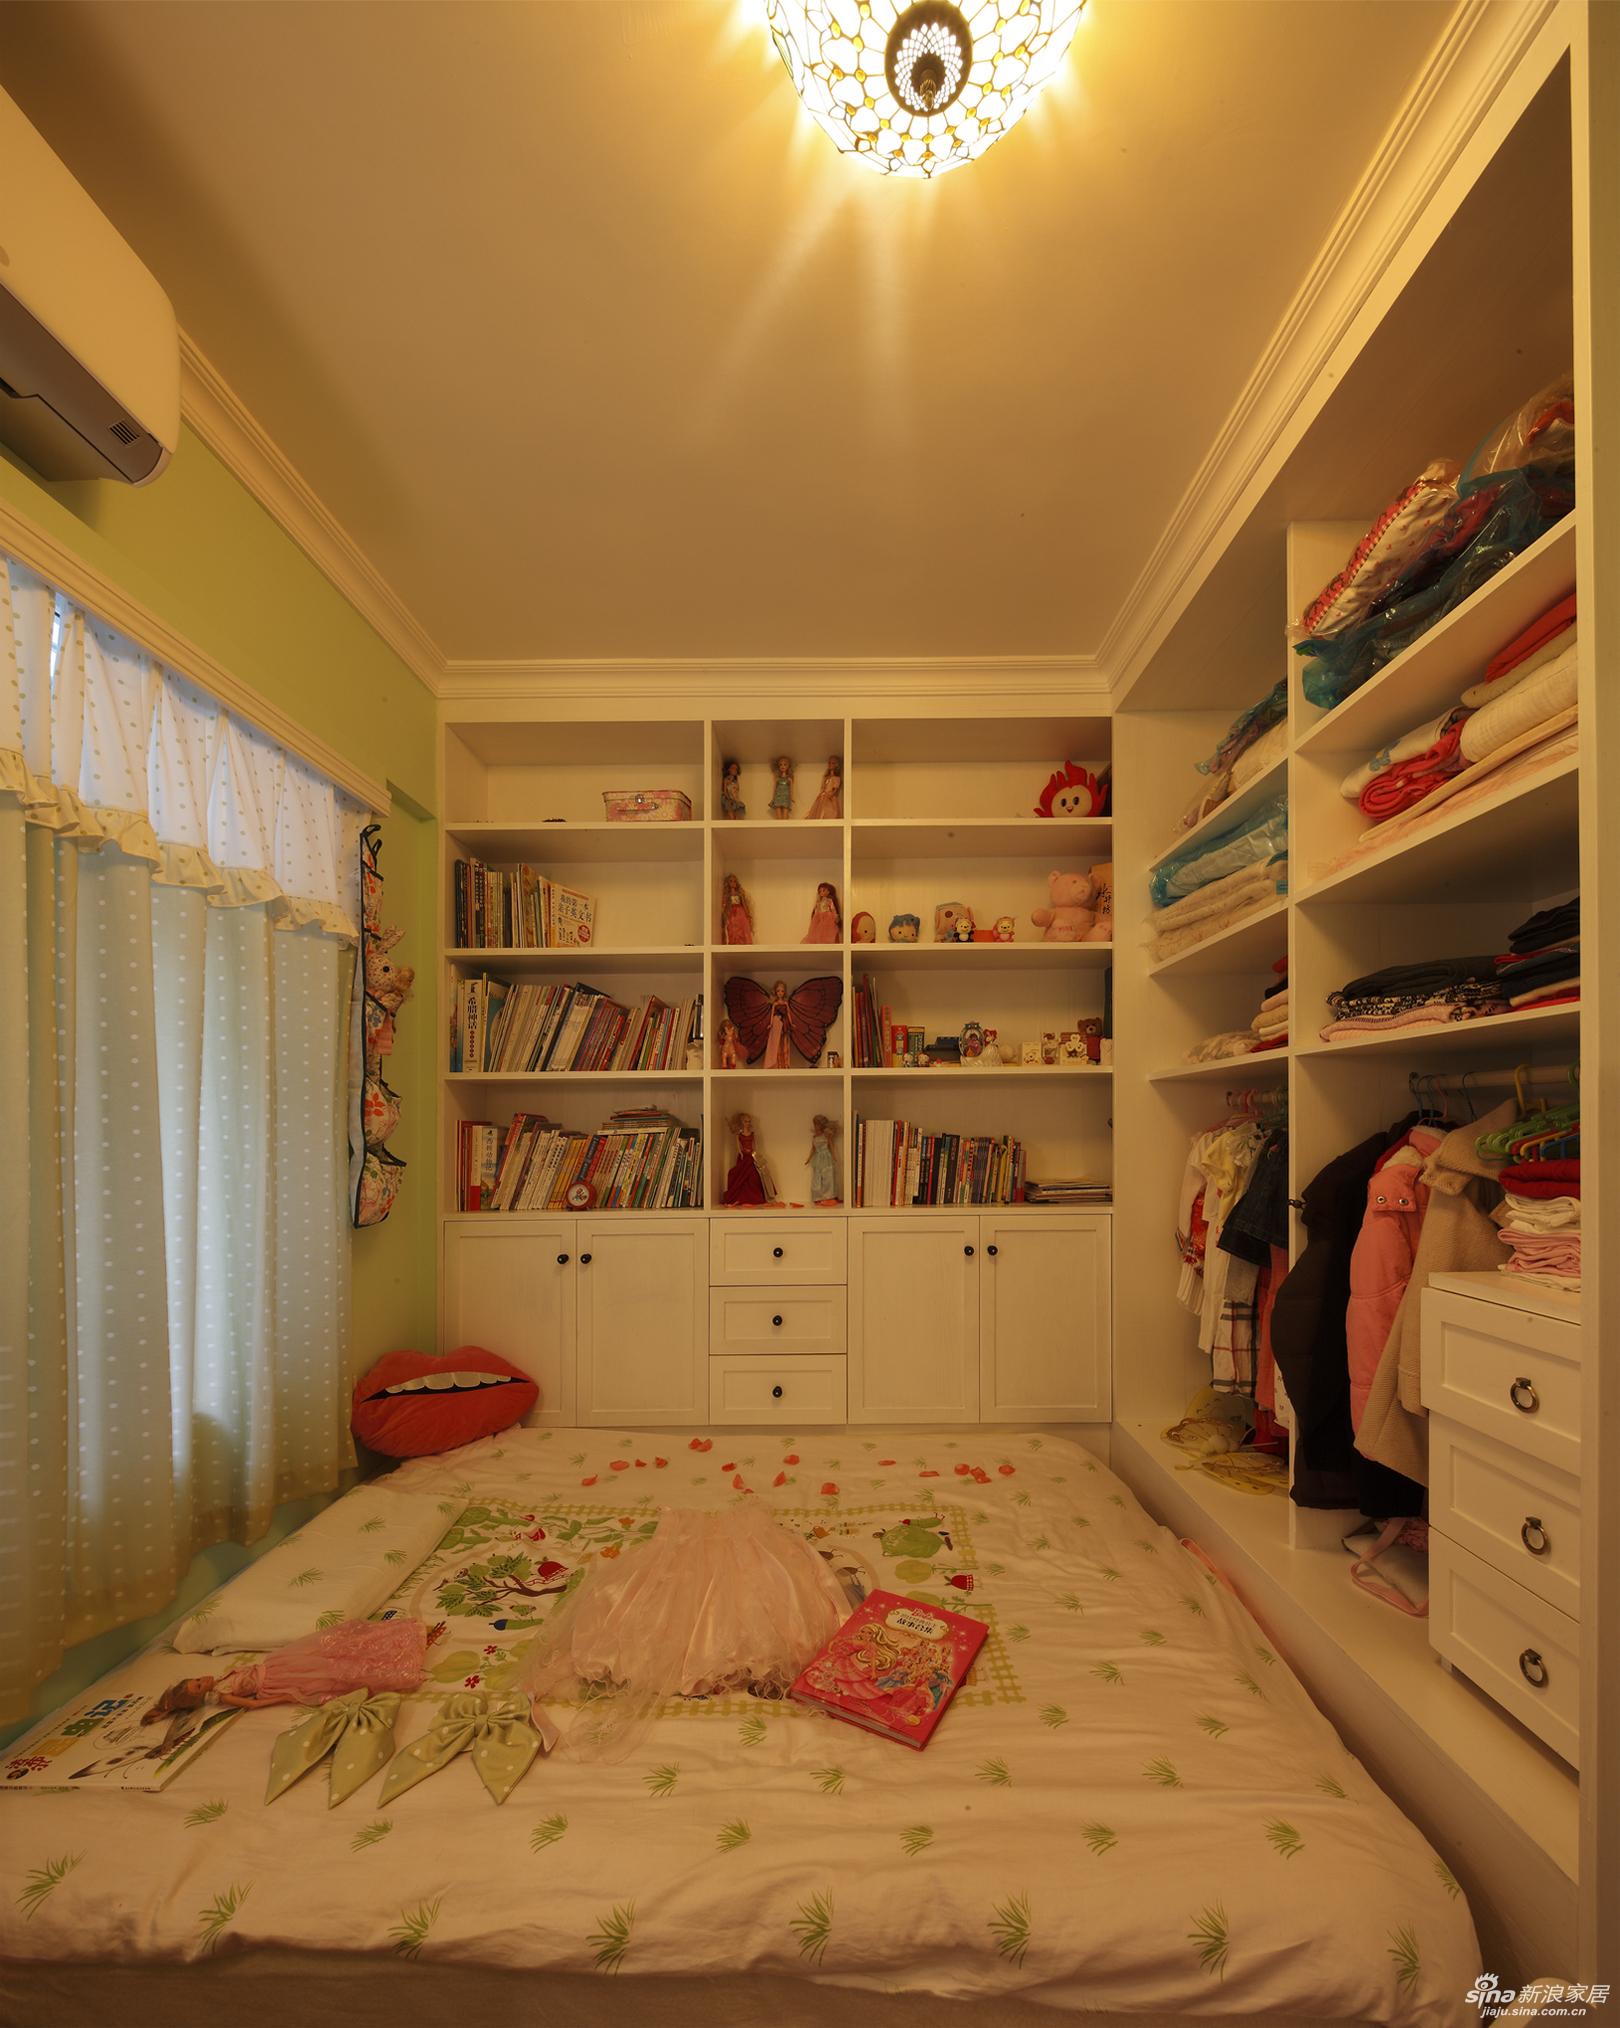 正面的玩具柜与书柜,还有一个大衣柜